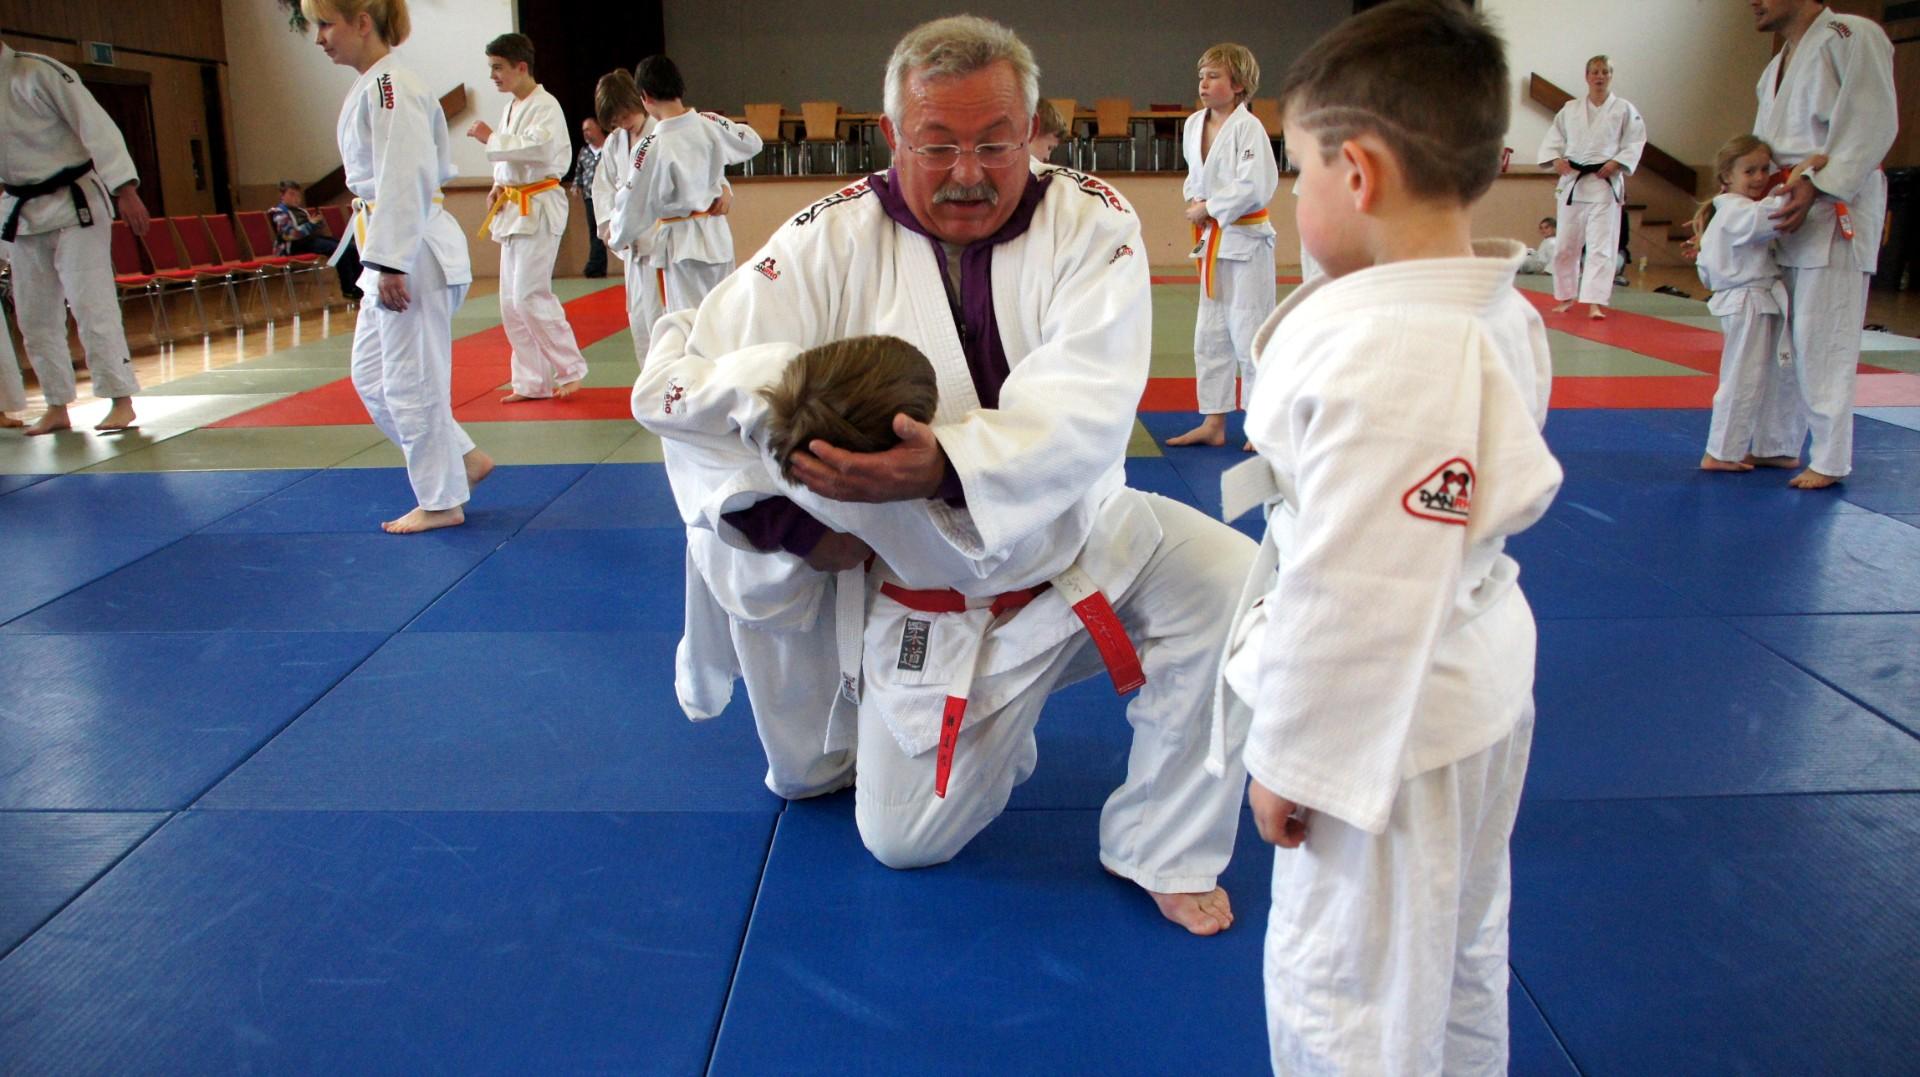 Judo_Familientag_2014_05.04.2014_10-33-08